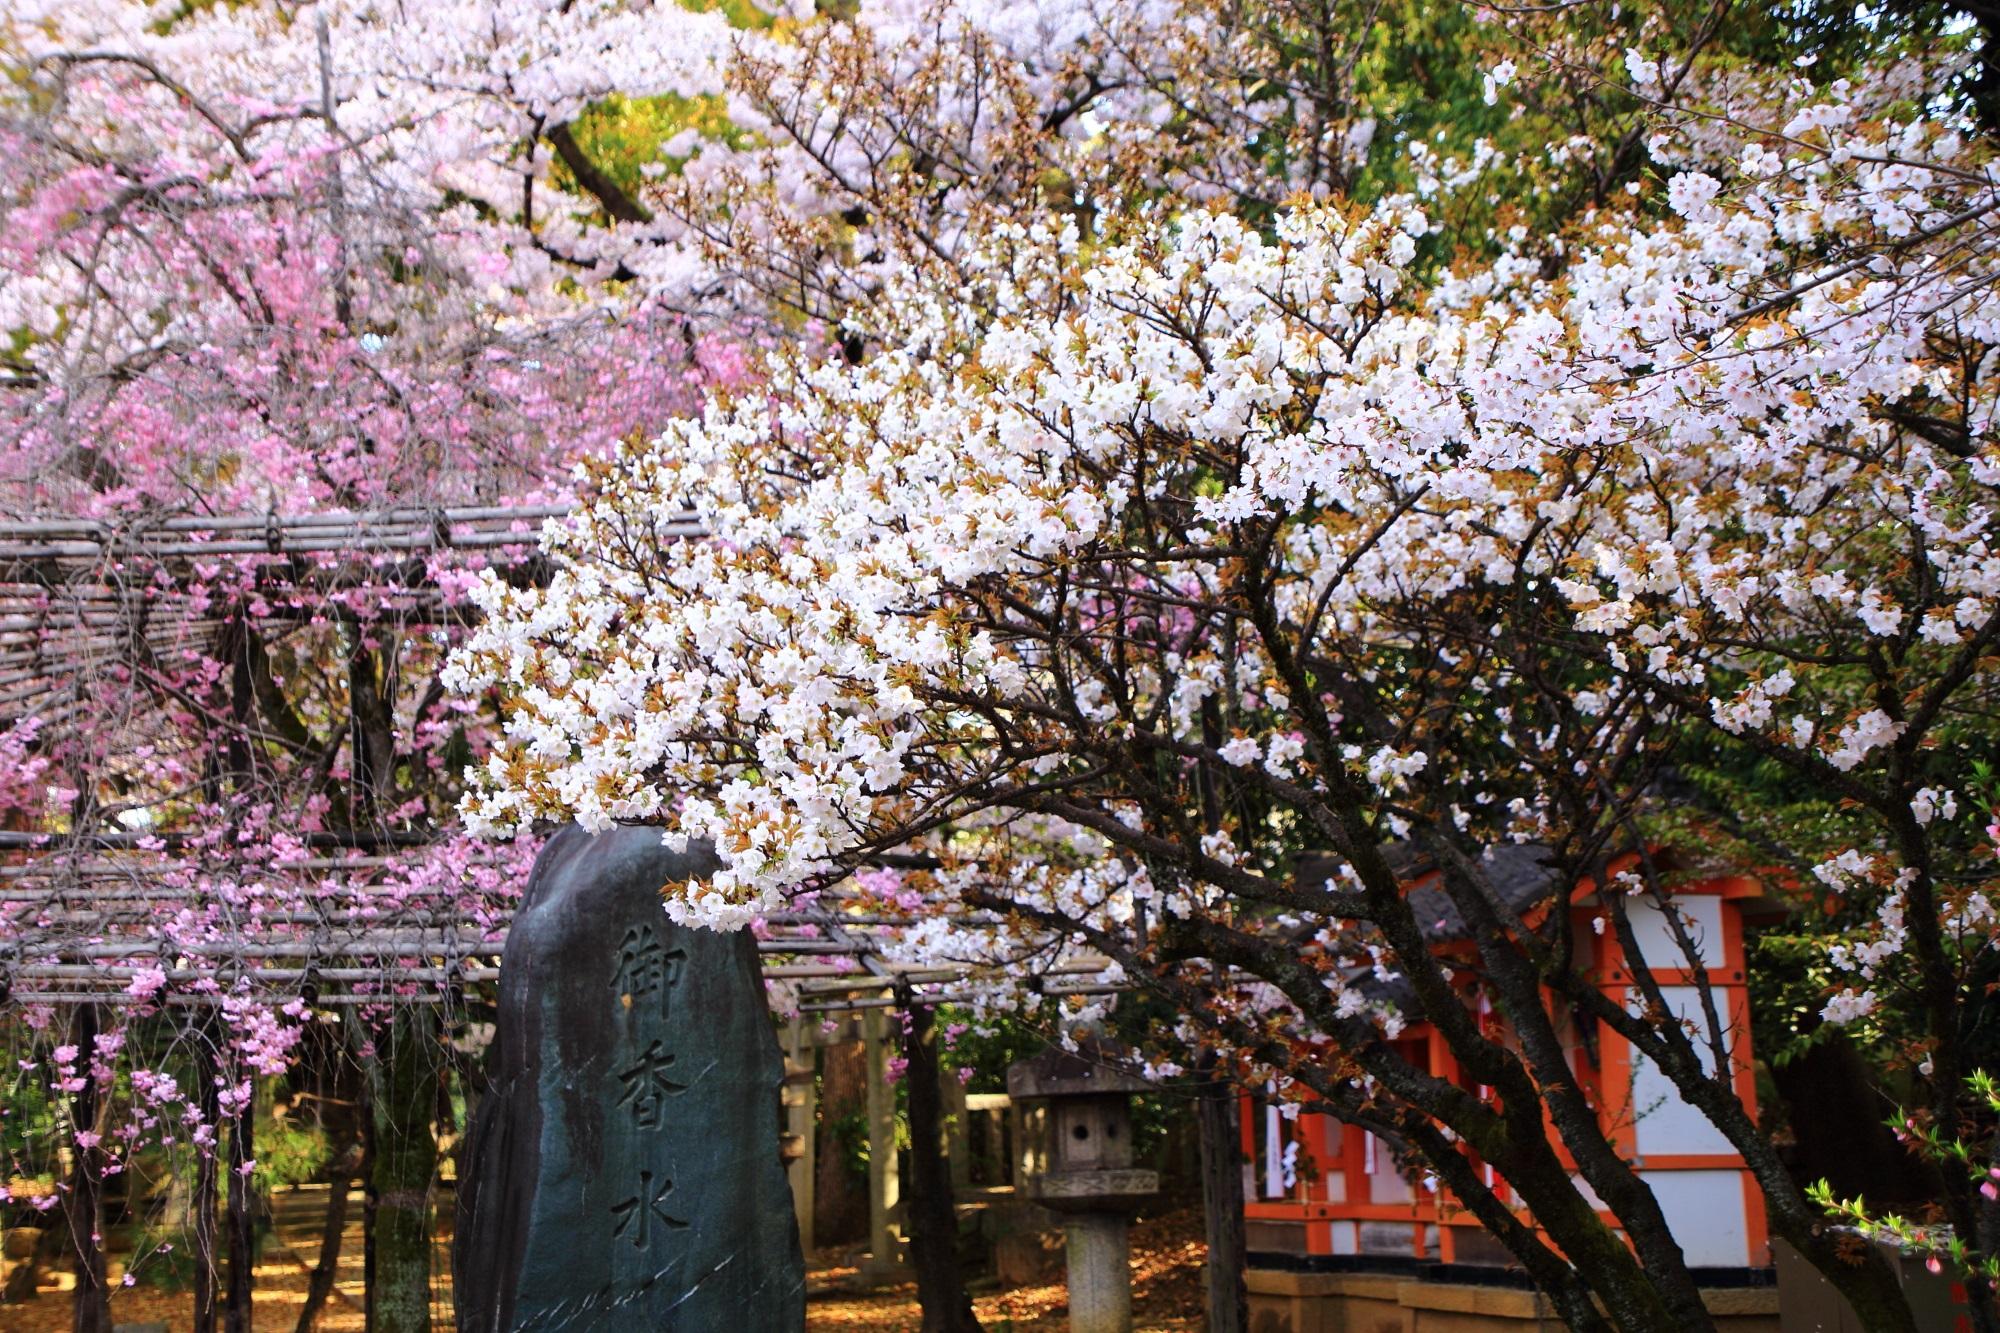 御香宮神社の素晴らしい桜と春の情景